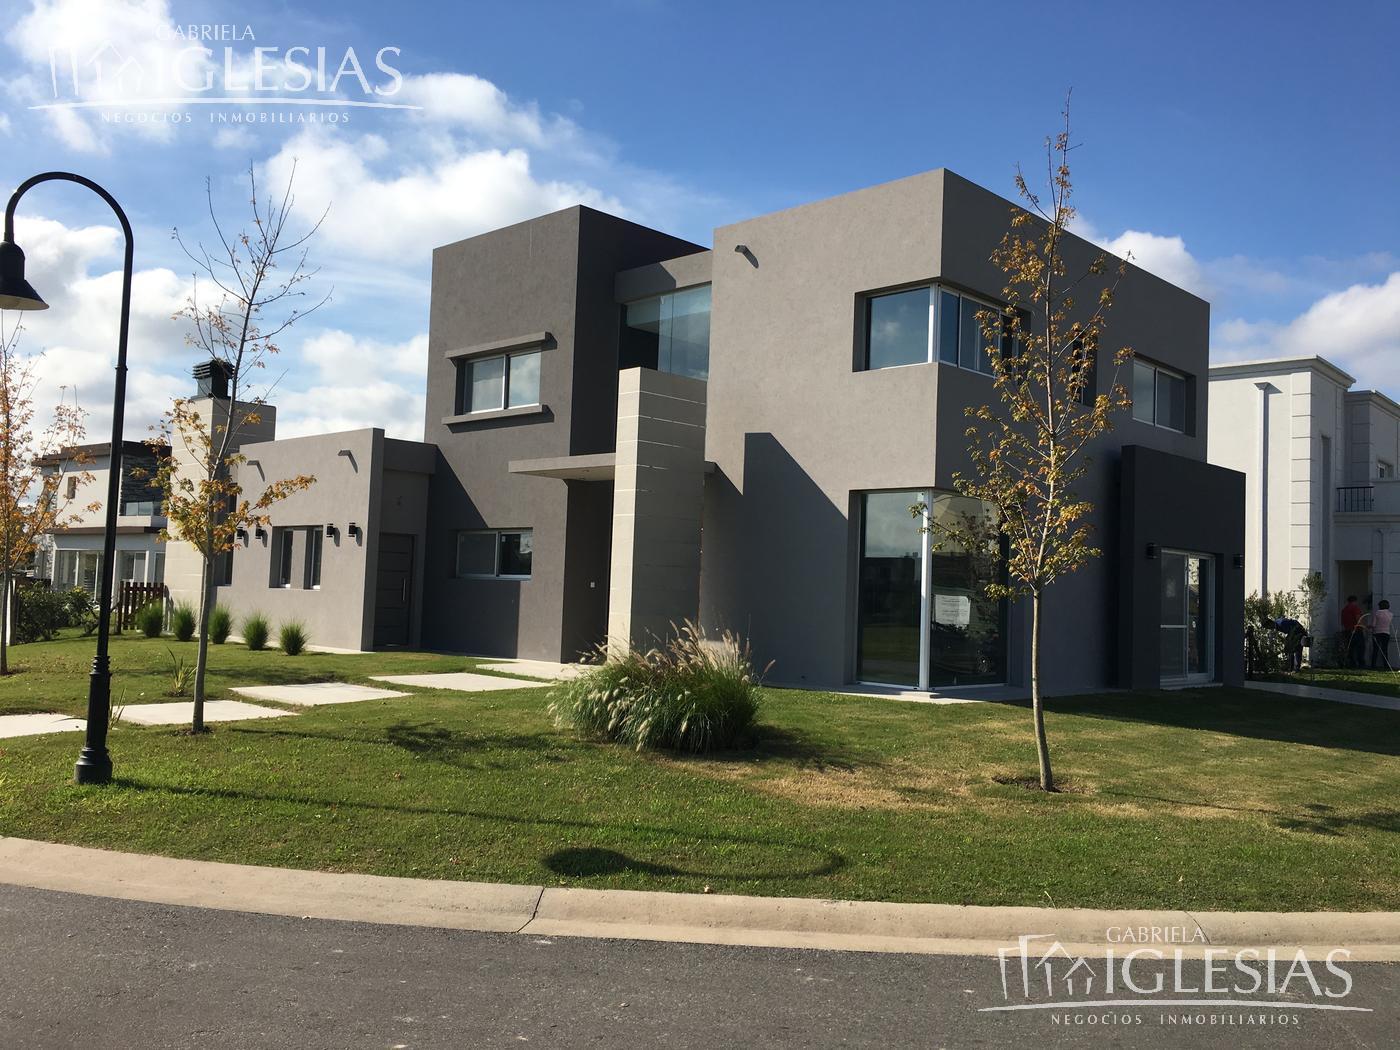 Casa en Venta en Nordelta Los Lagos a Venta - u$s 510.000